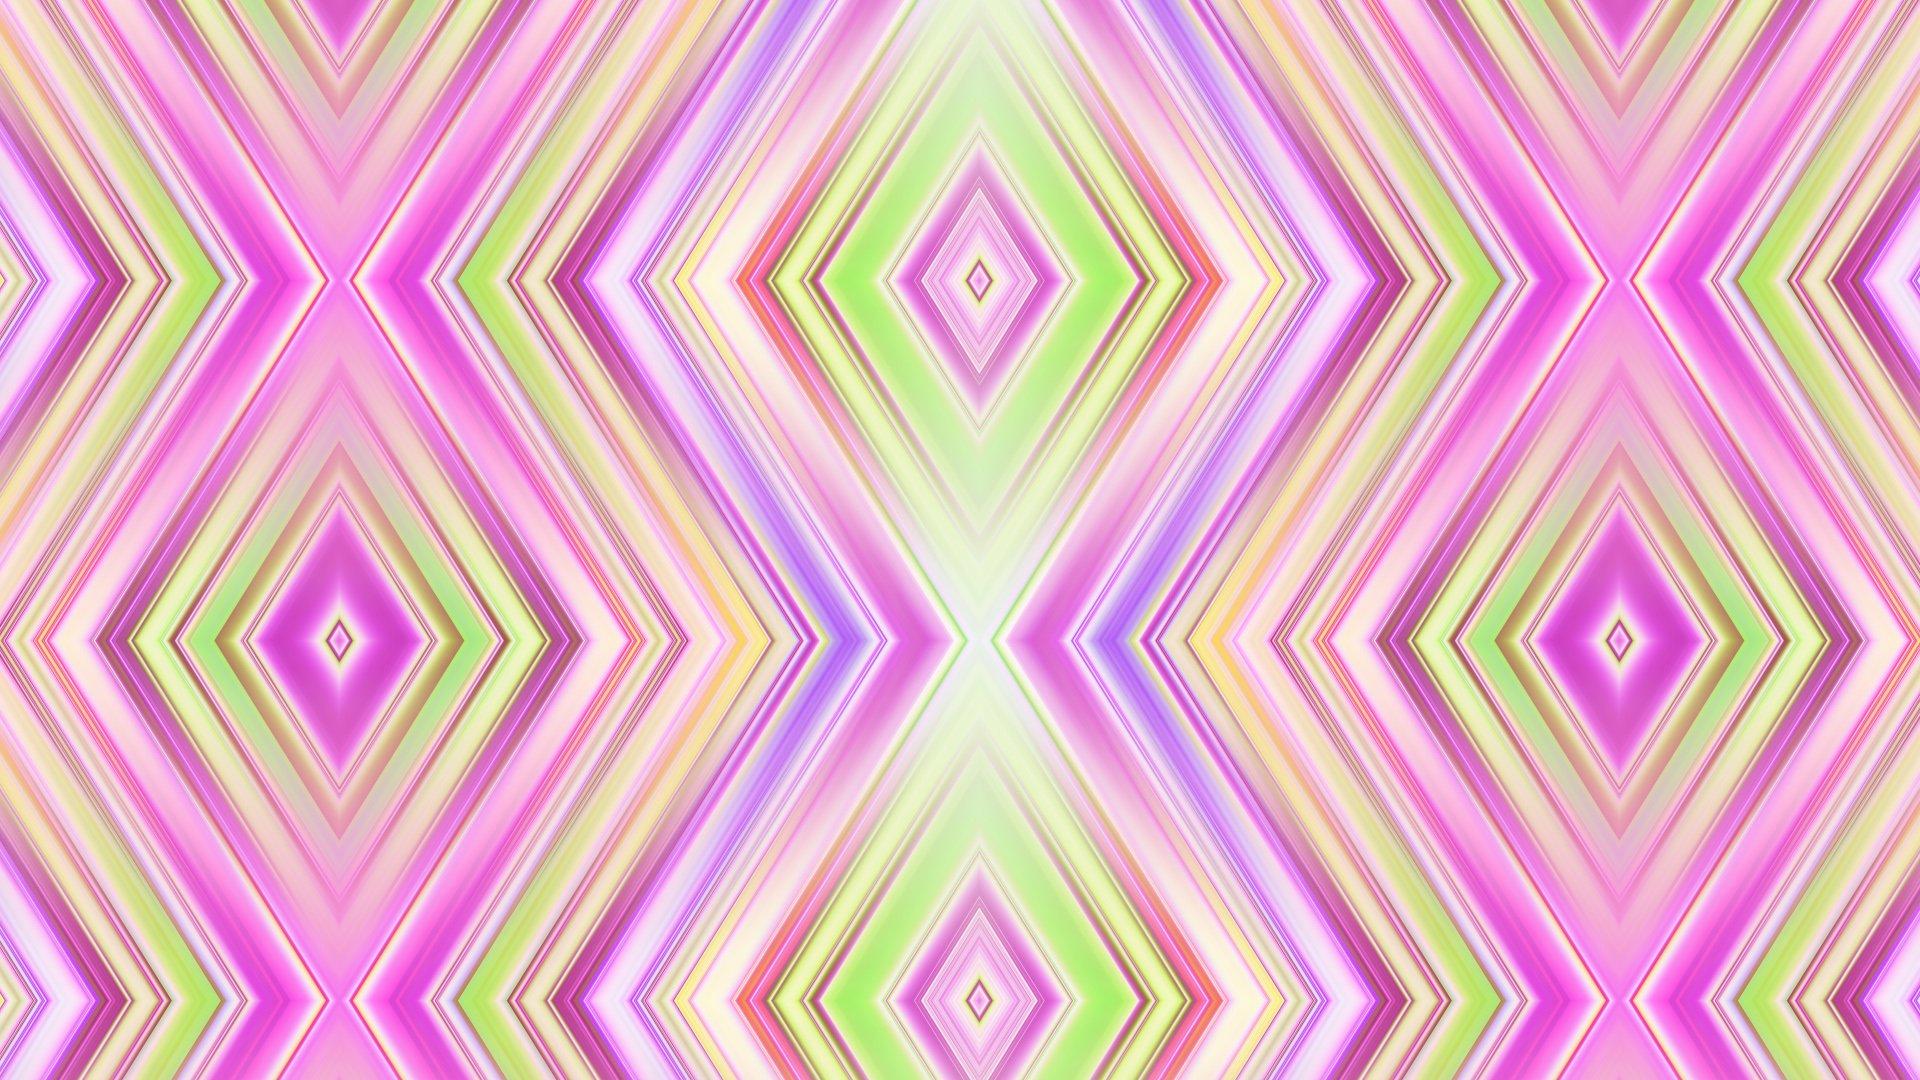 Pastel Gradient Shapes Hd Wallpaper Hintergrund